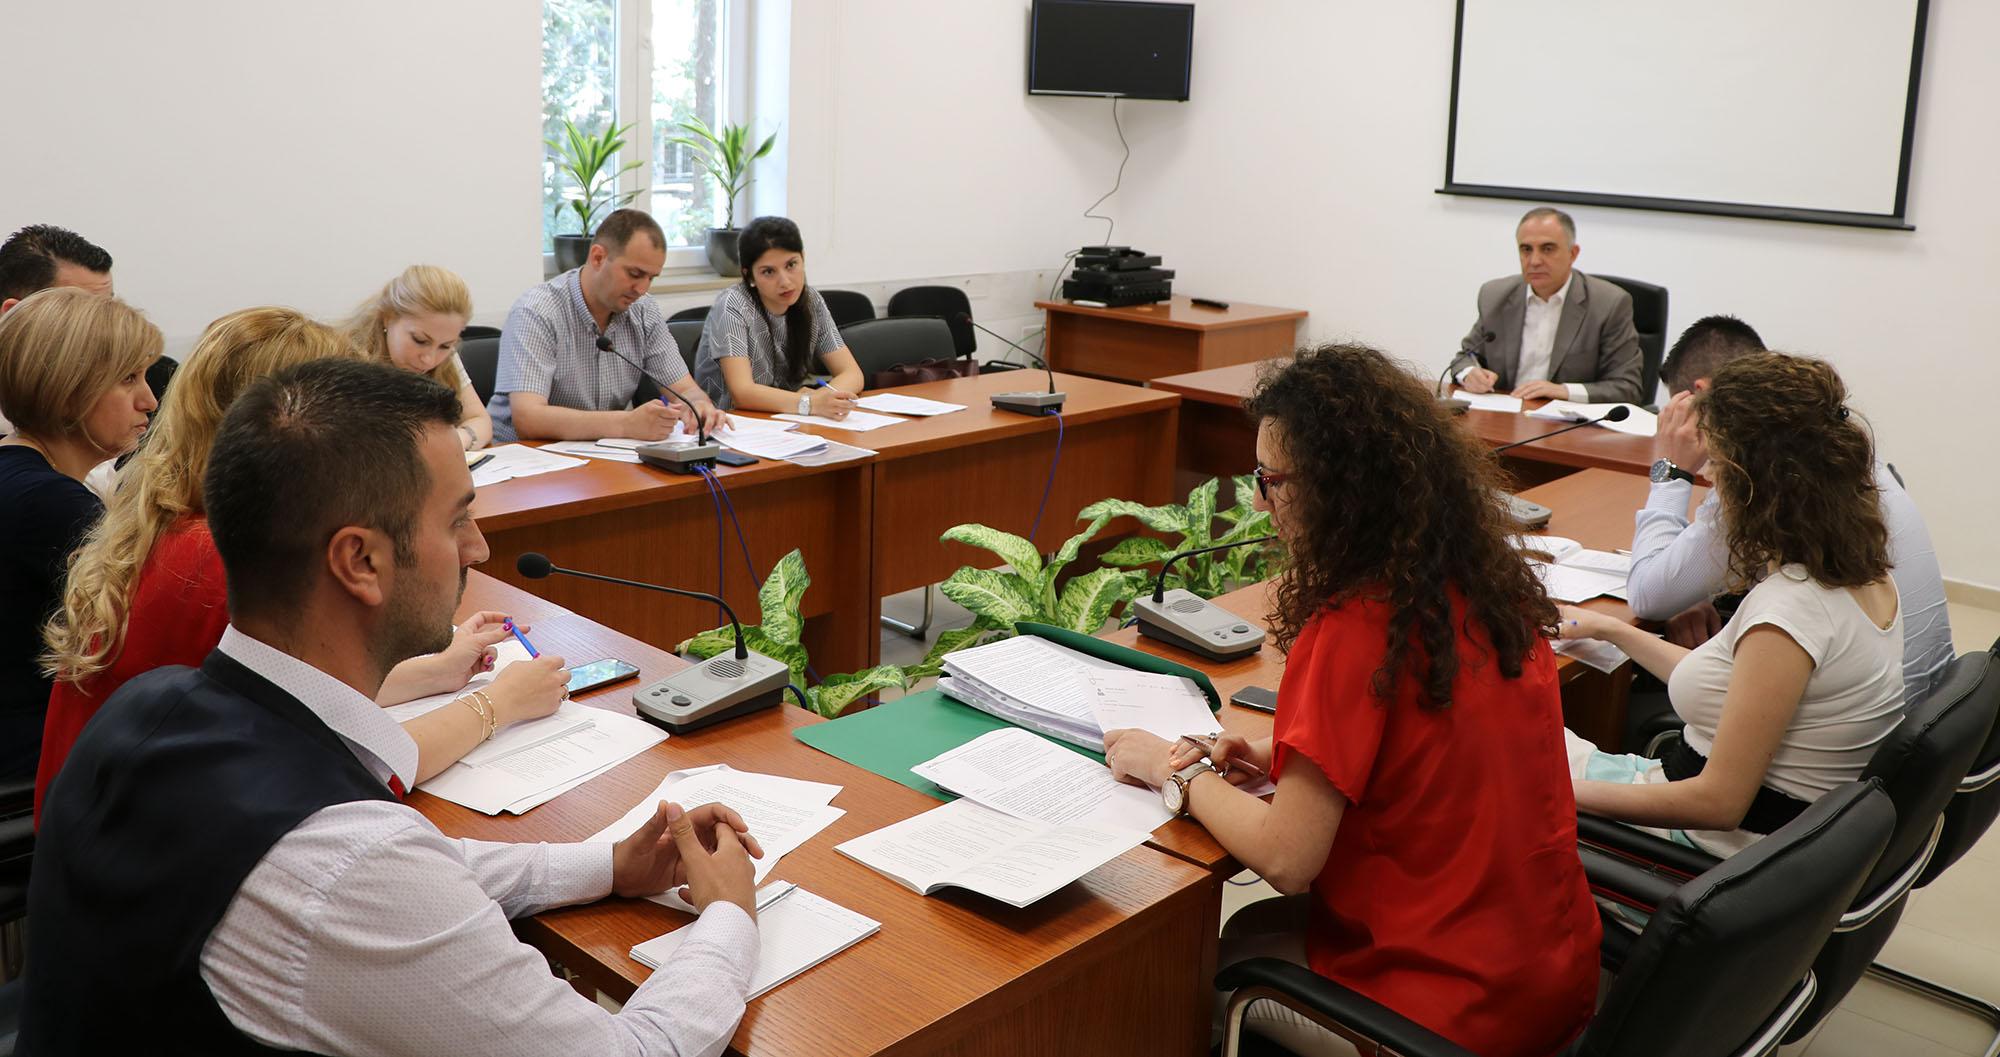 Seancë dëgjimore në zbatim të legjislacionit për njoftimin dhe konsultimin publik